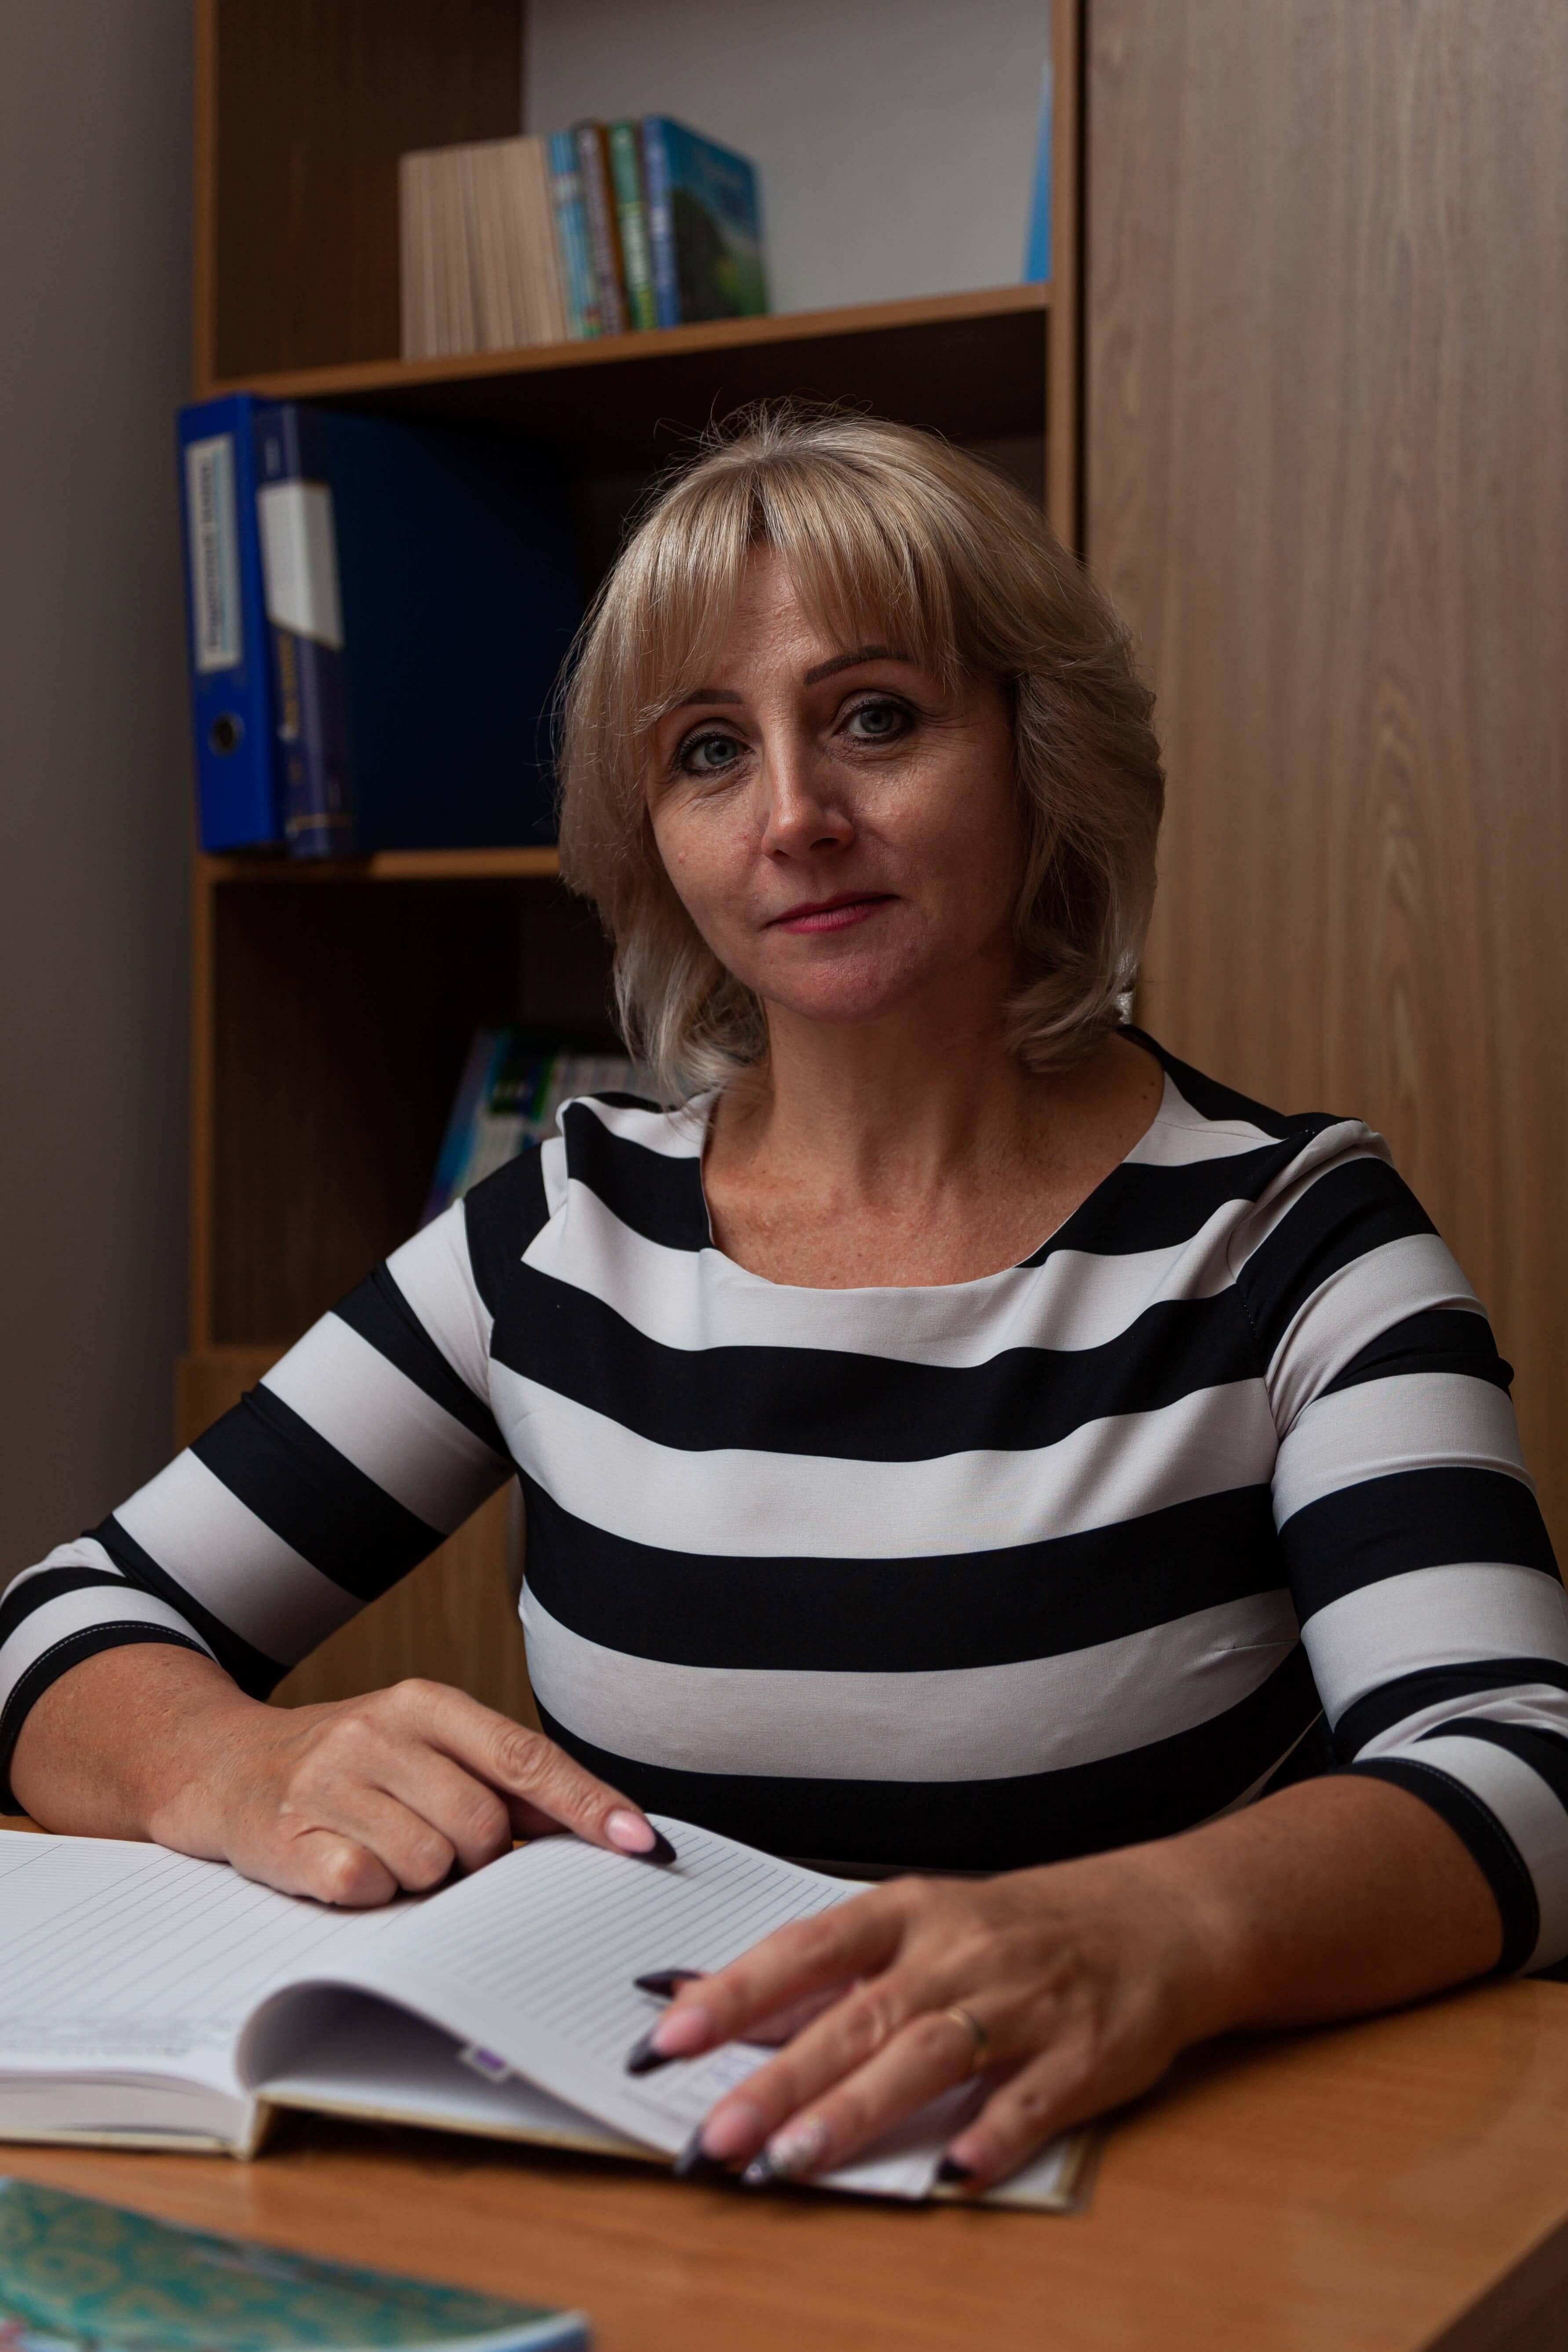 Емелькина Наталья Юрьевна - Учитель начальных классов